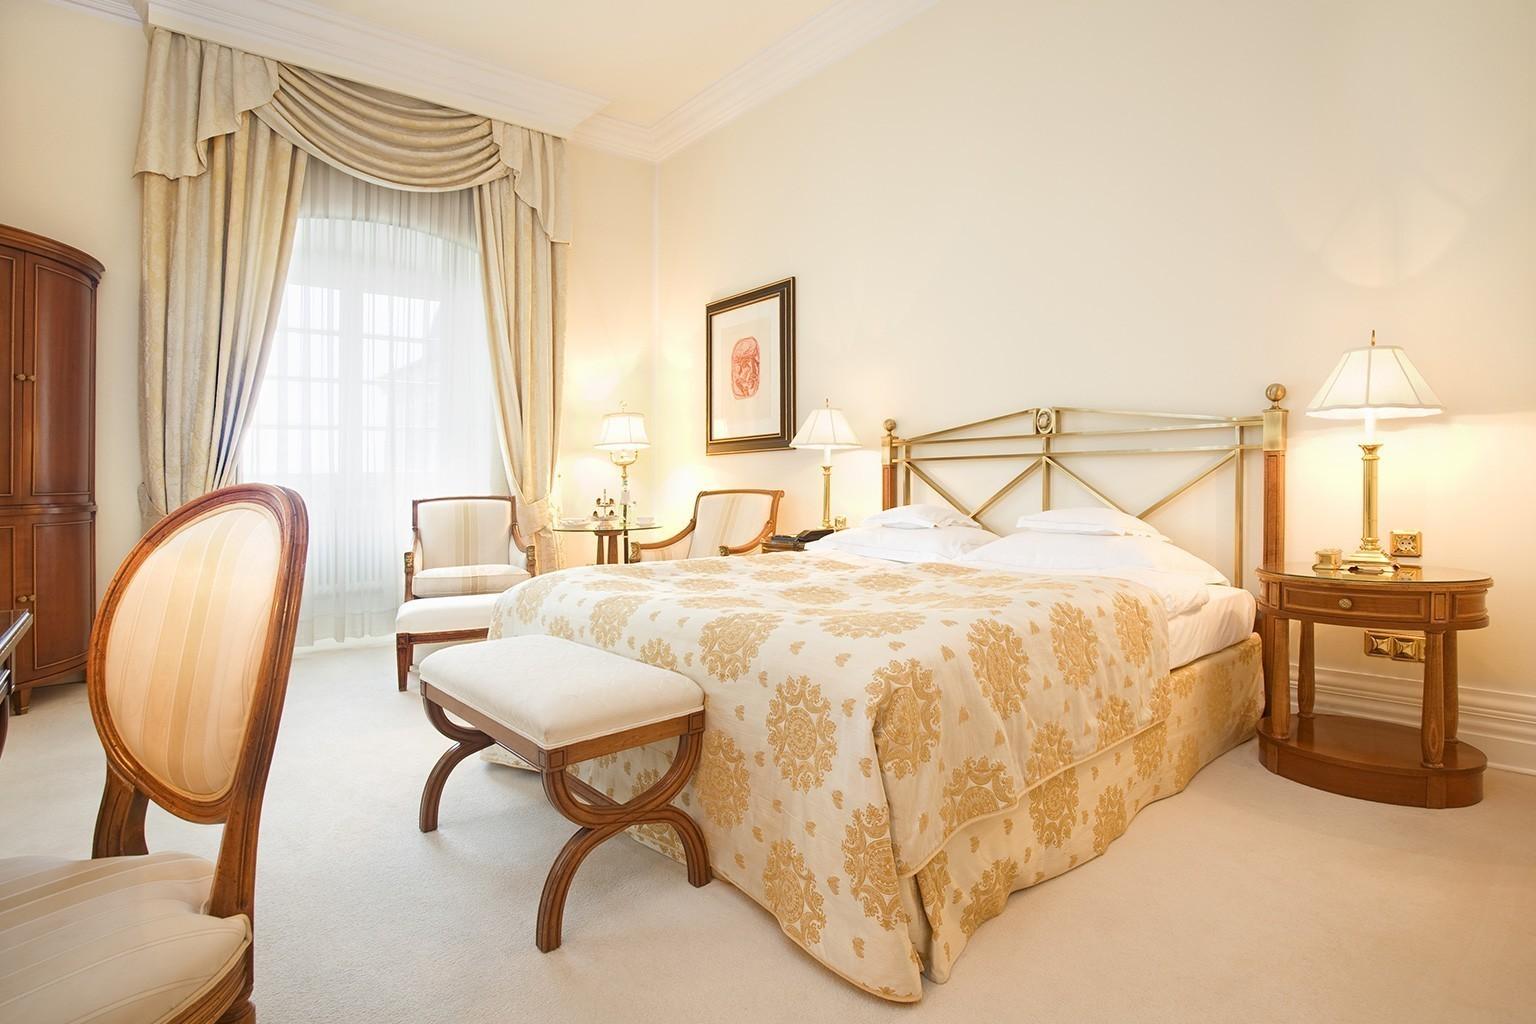 Schloss schlafzimmer modern for Prinzessin zimmer mobel